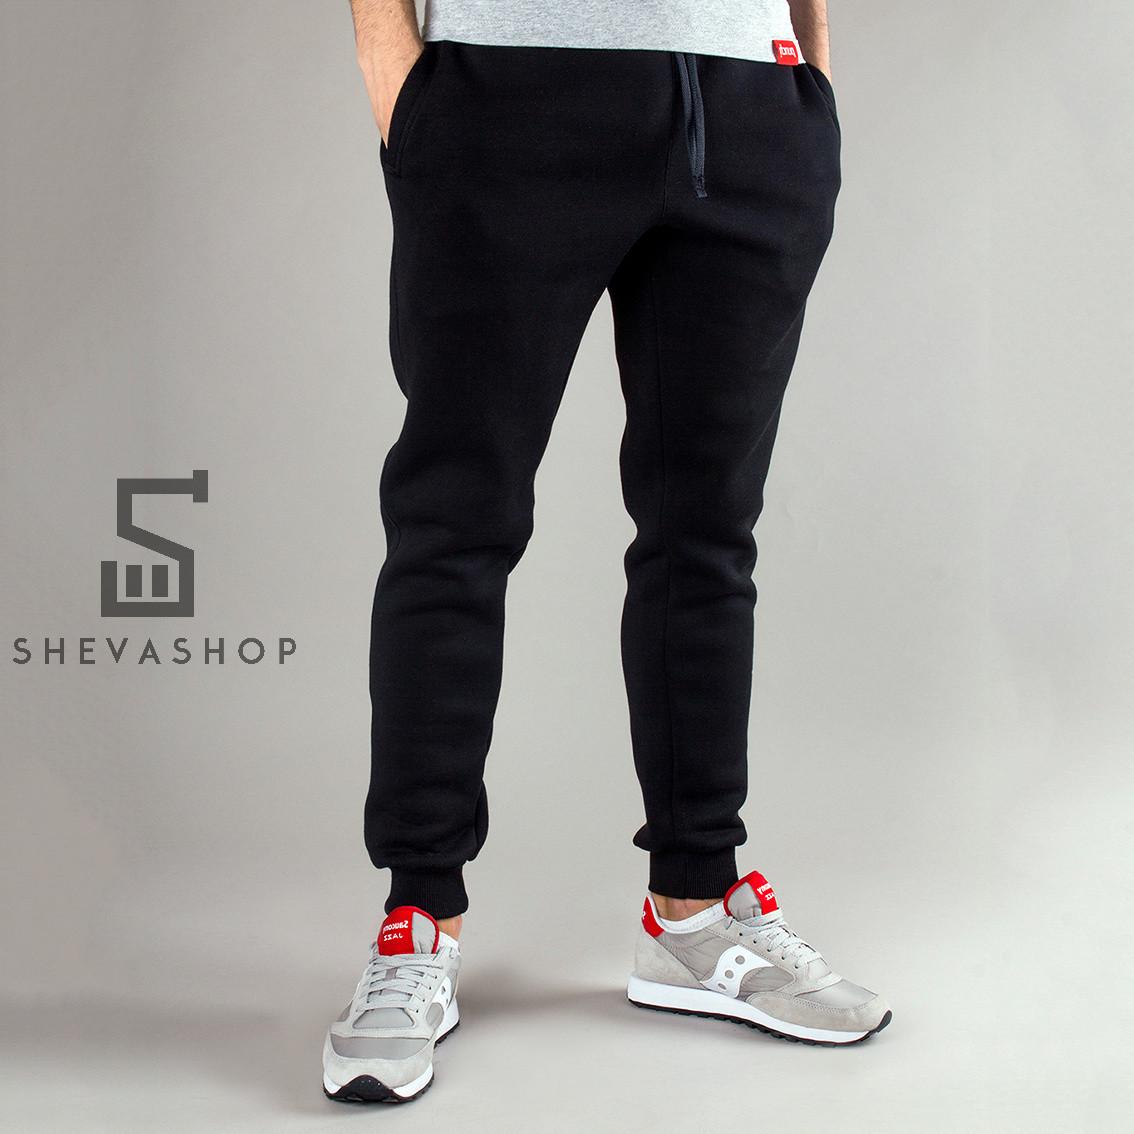 Теплые спортивные штаны PUNCH - Jog black, фото 1